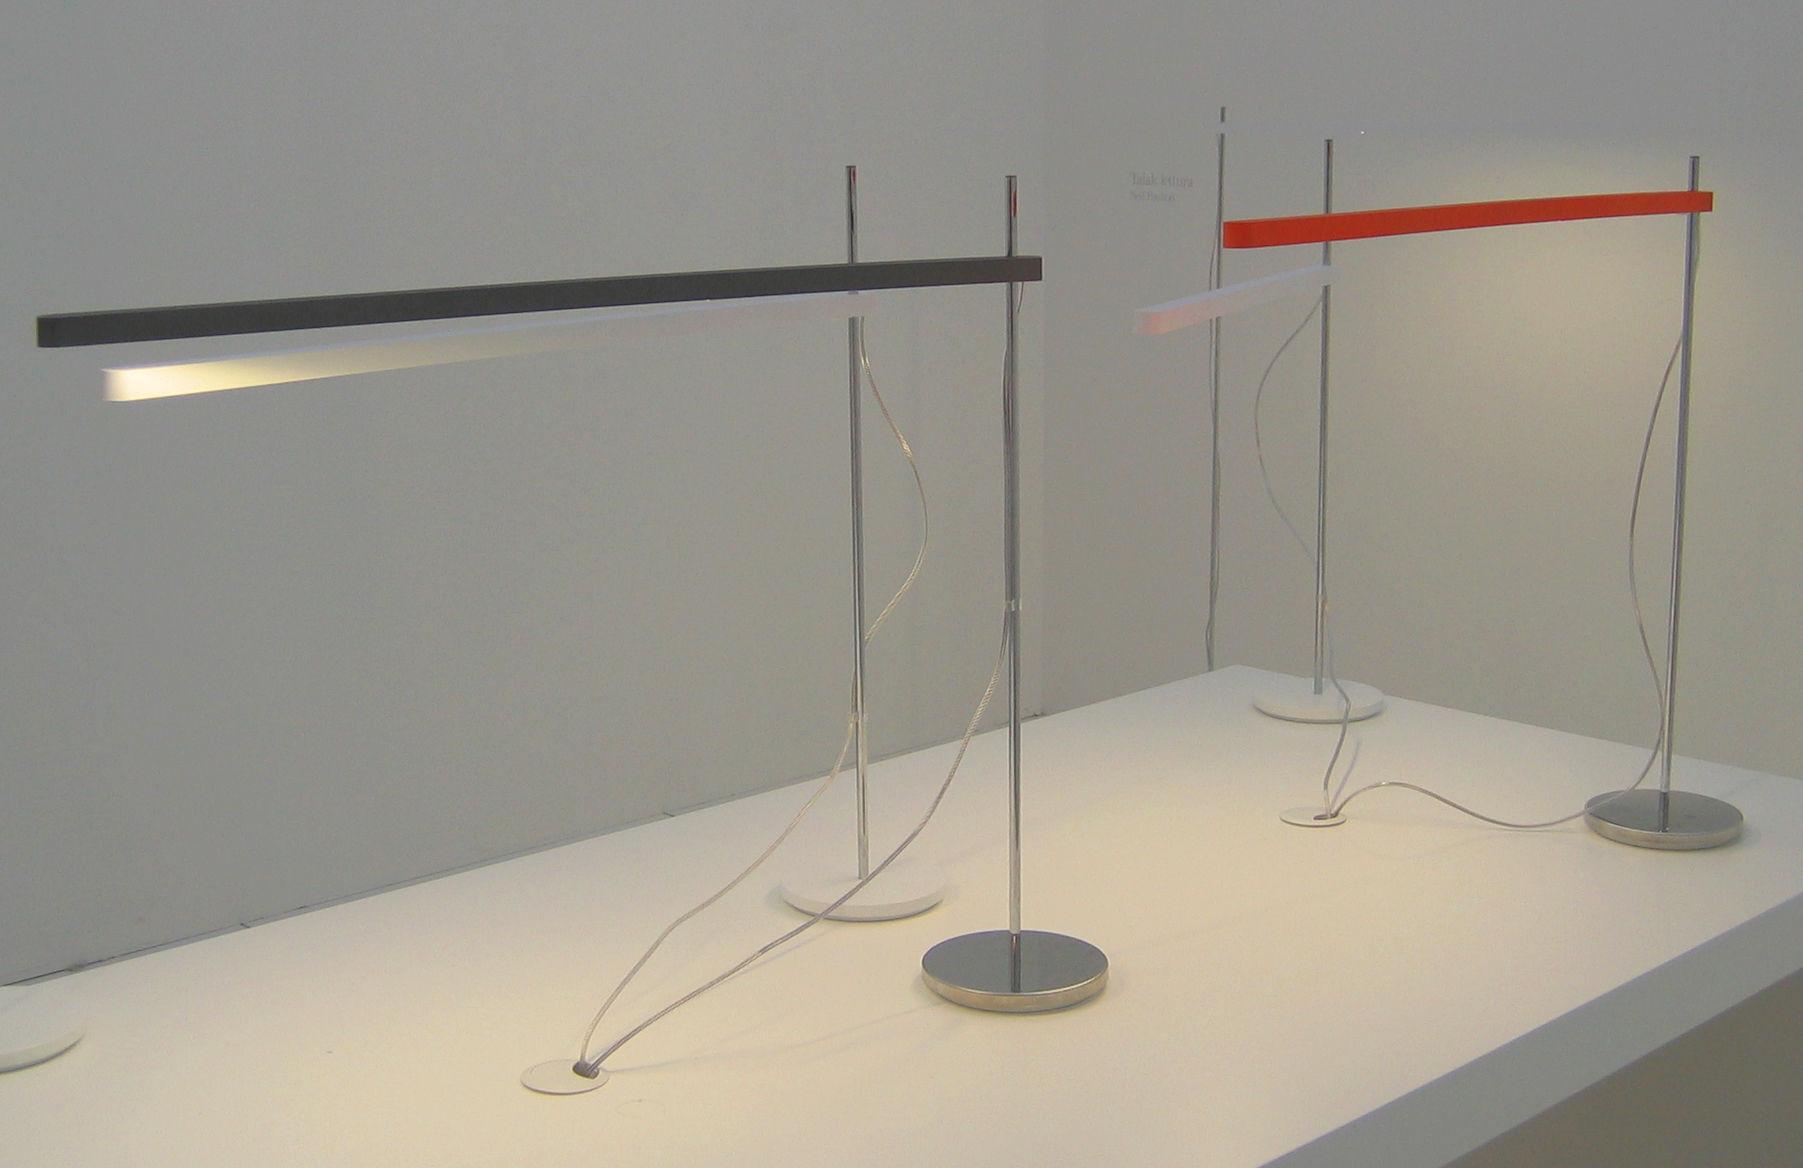 Scopri Lampada Da Tavolo Talak Tavolo Fluo, Bianco   Cromo Di Artemide,  Made In Design Italia